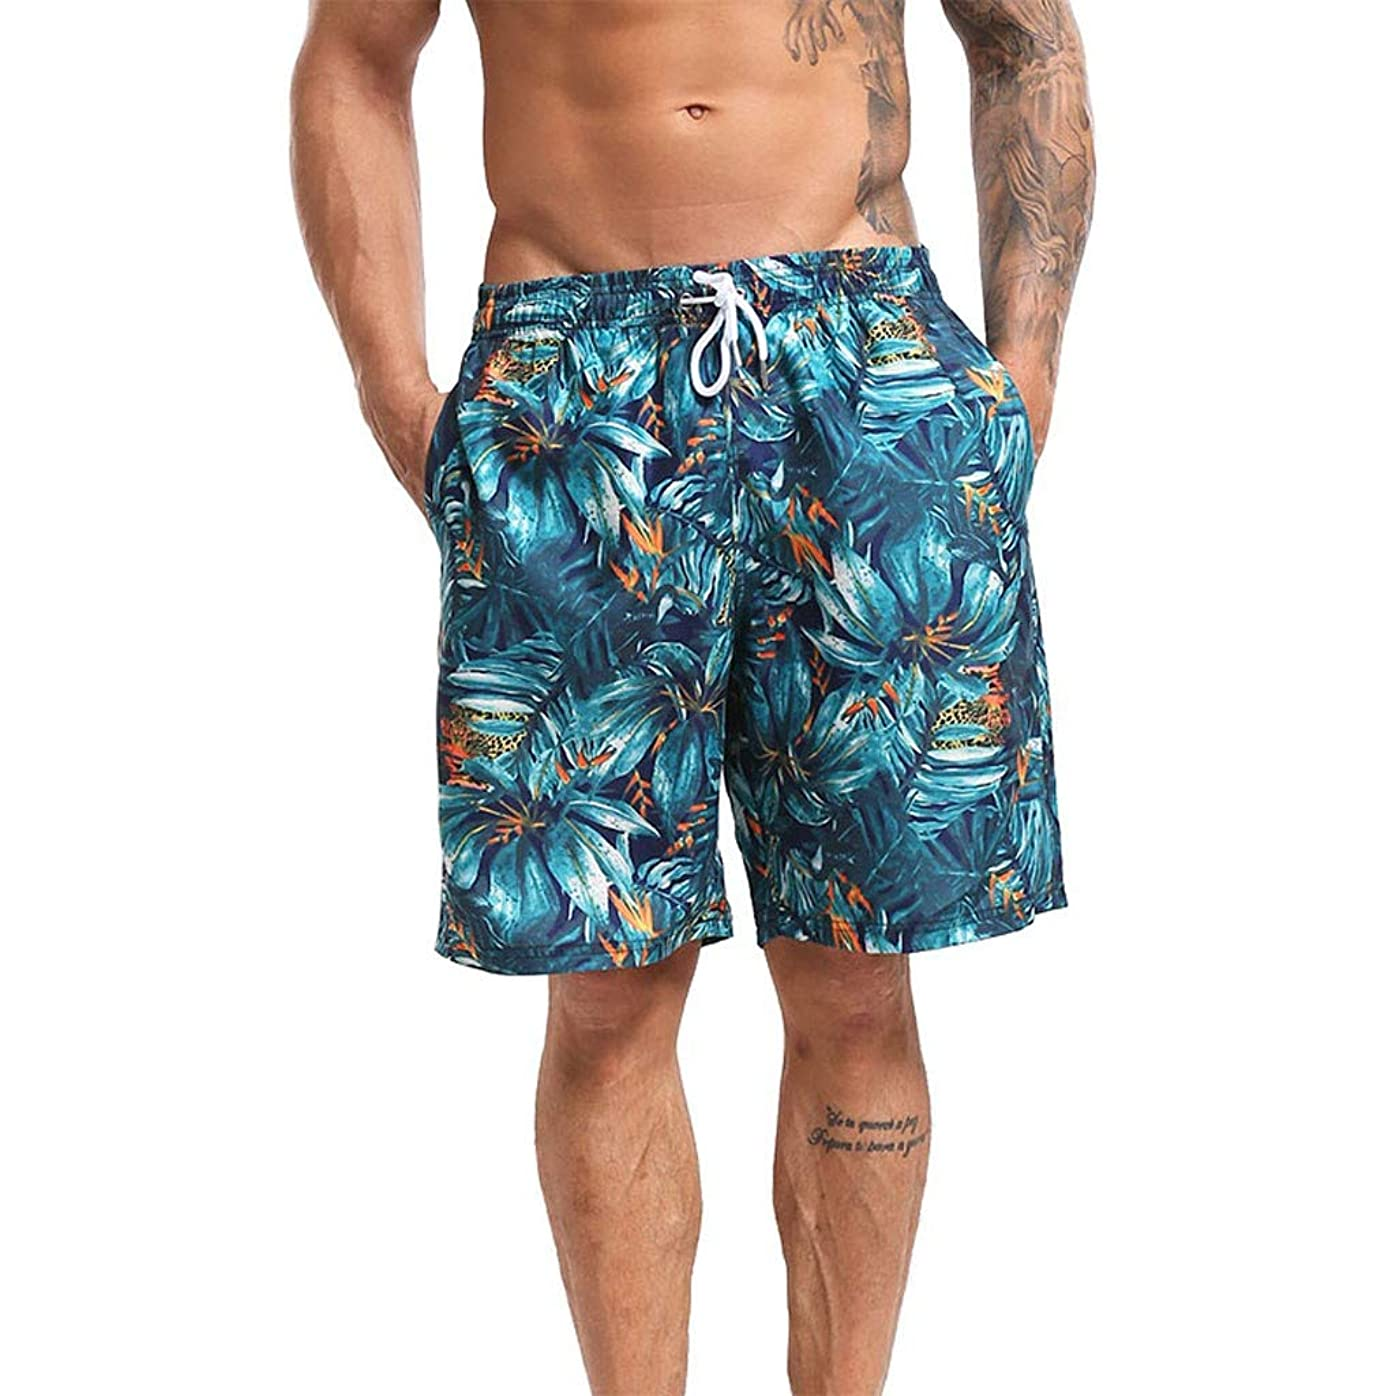 クマノミデザイナー命題メンズ 水着Jopinia 夏 安い短パン プリントビーチパンツ 大きいサイズビーチパンツ 五分丈 おしゃれ海パン 水陸両用水着 通気速乾スイムウェア 温泉旅行 プール ファッションパンツ